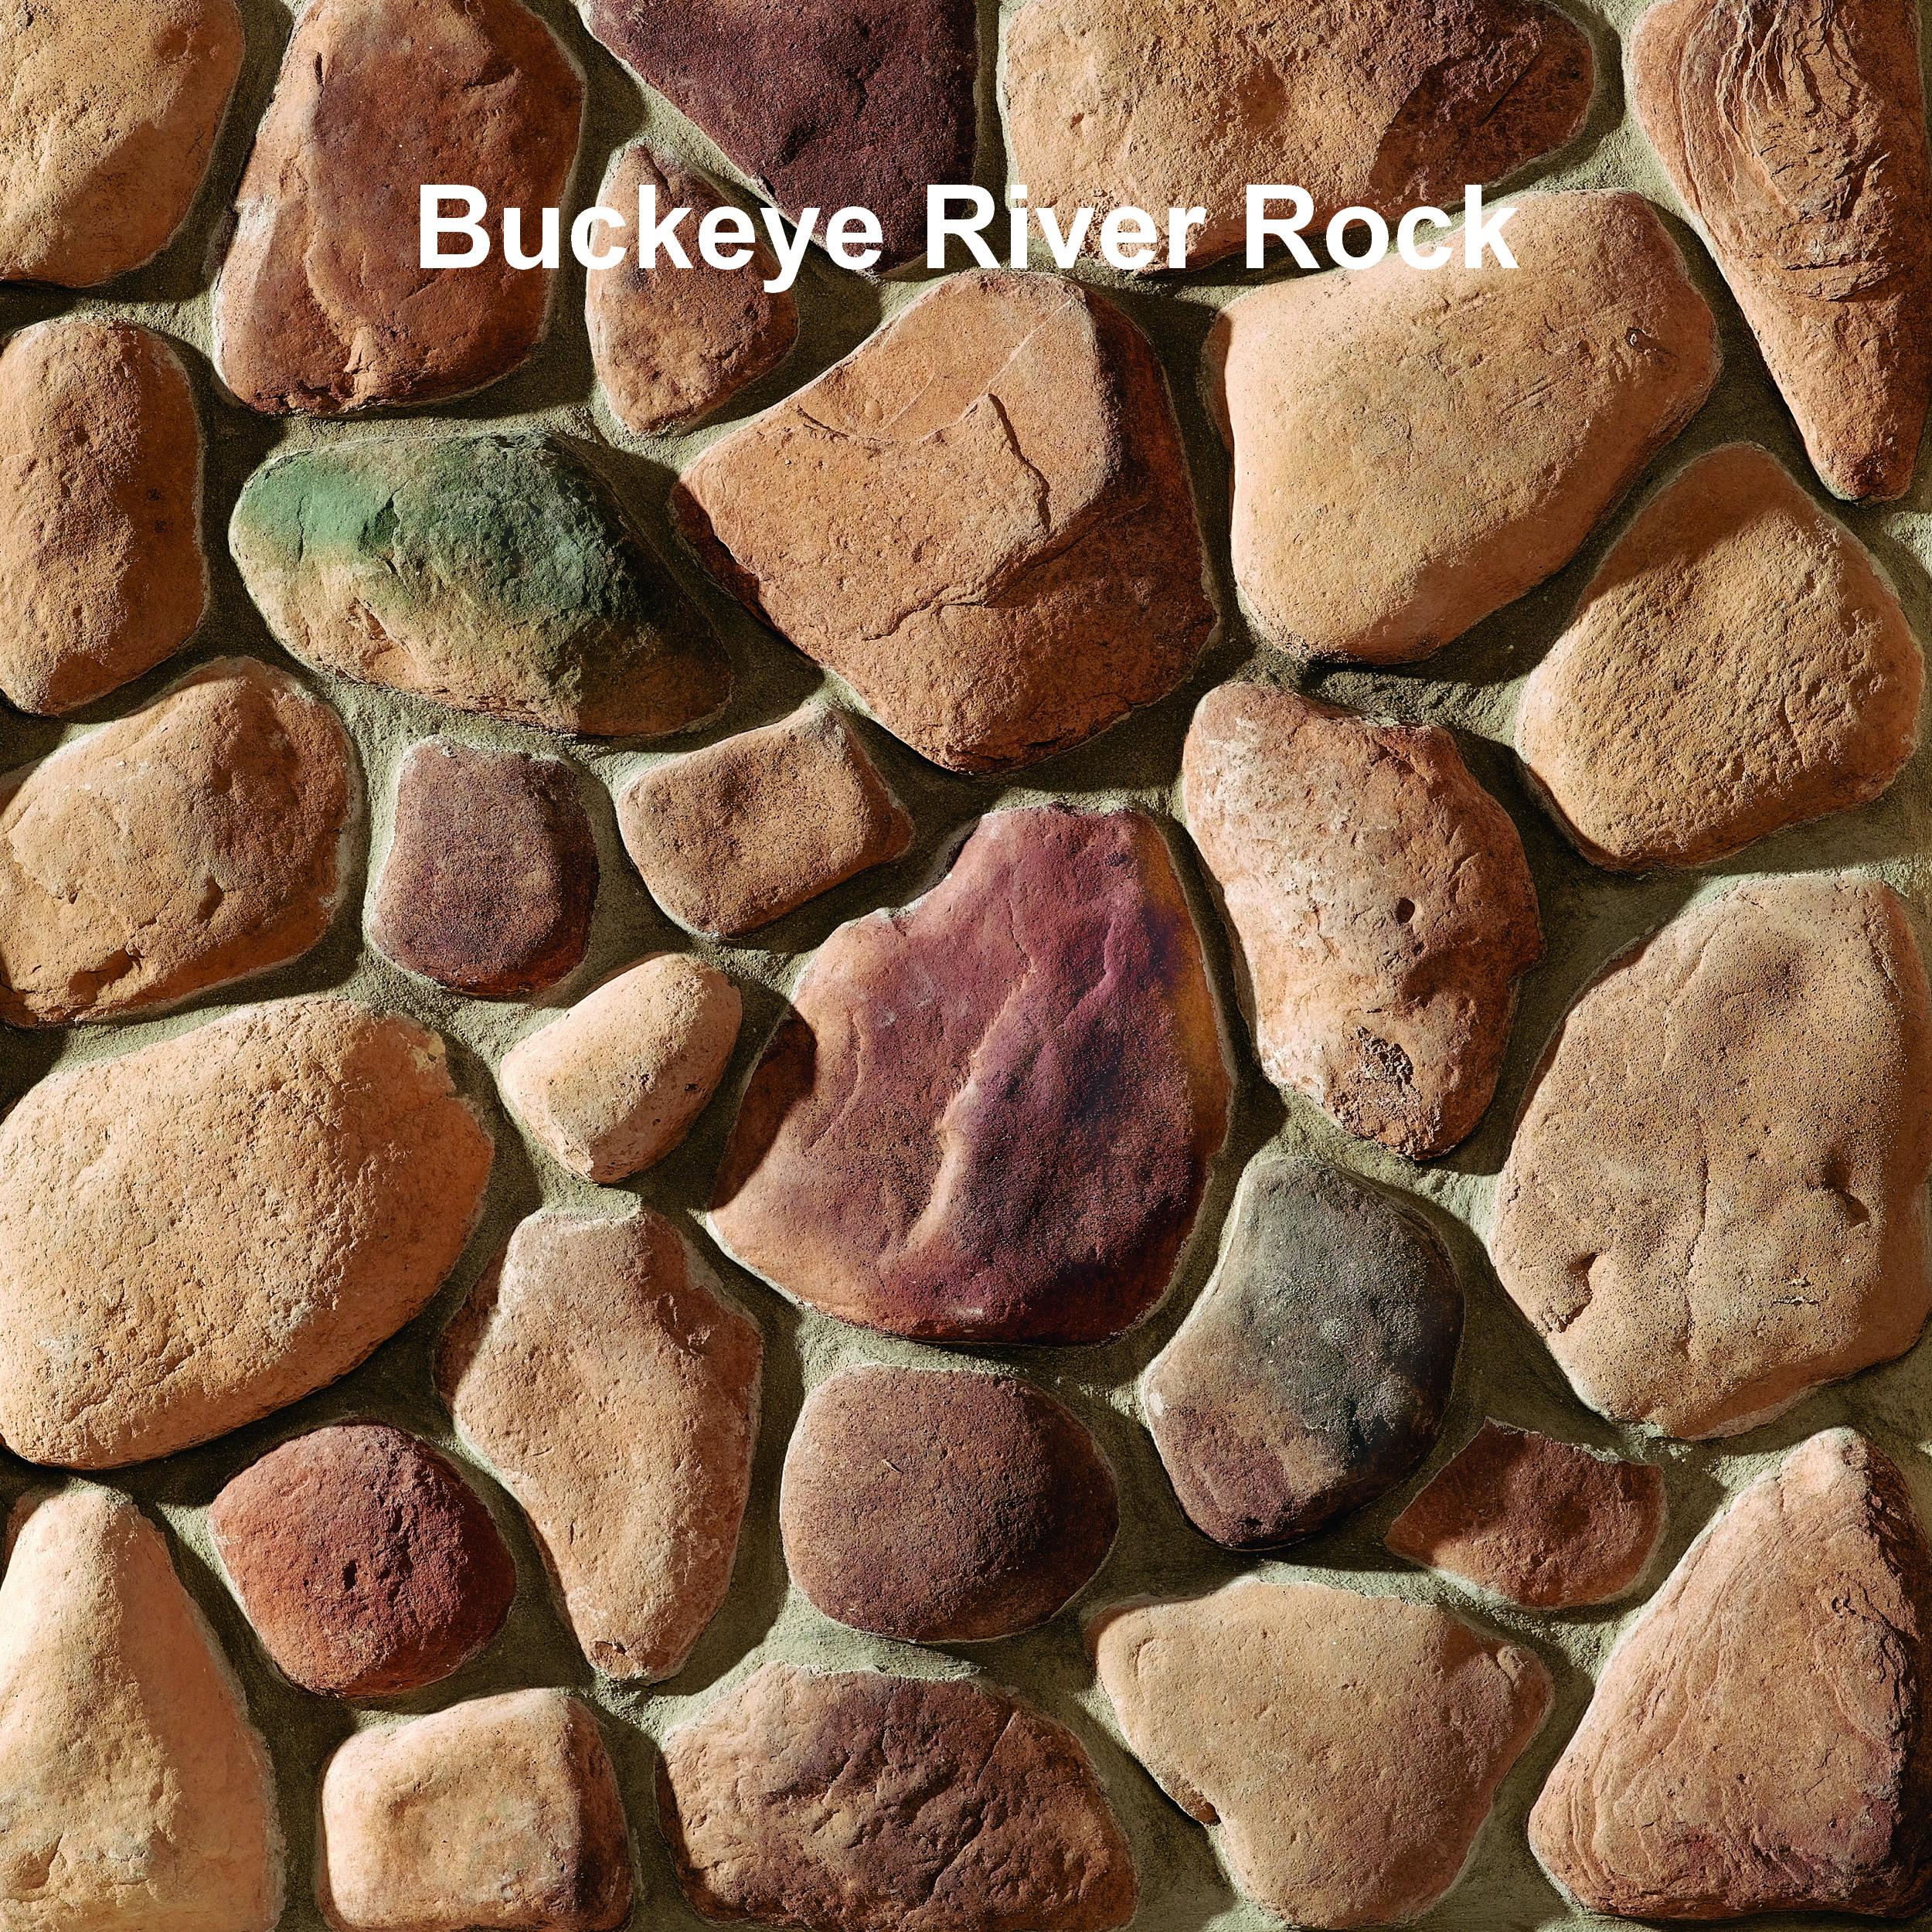 DQ_River Rock_Buckeye_Profile.jpg